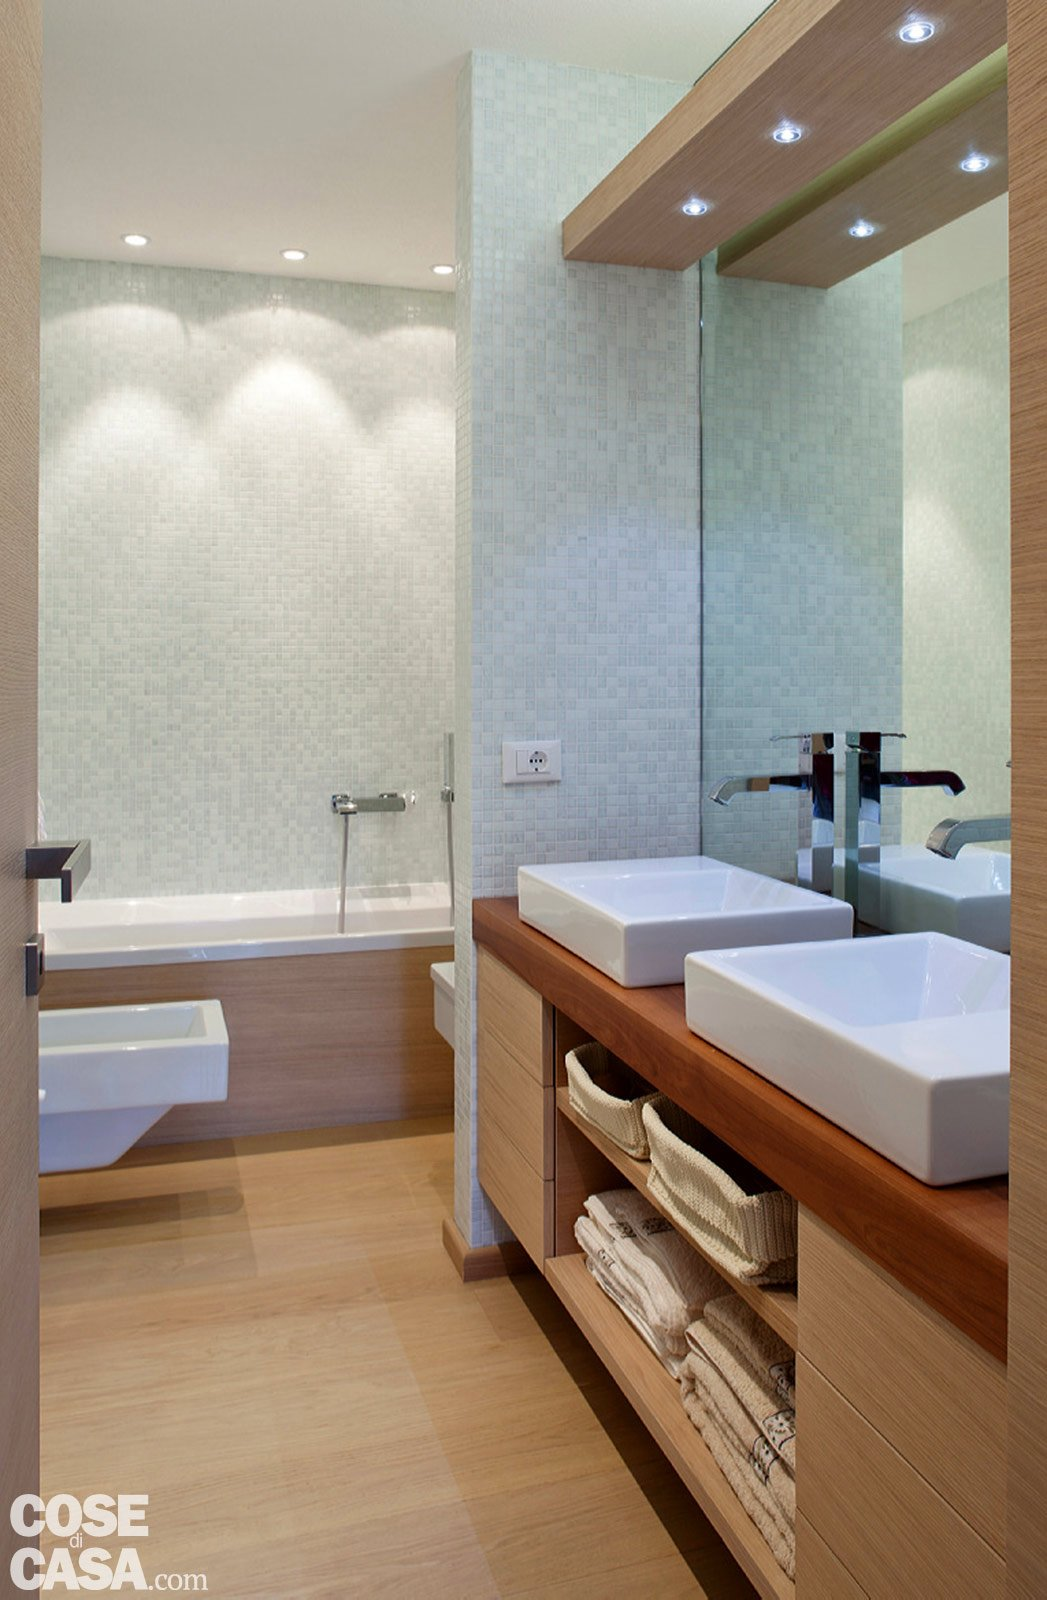 57 mq con ambienti mutevoli cose di casa - Dividere ambienti casa ...